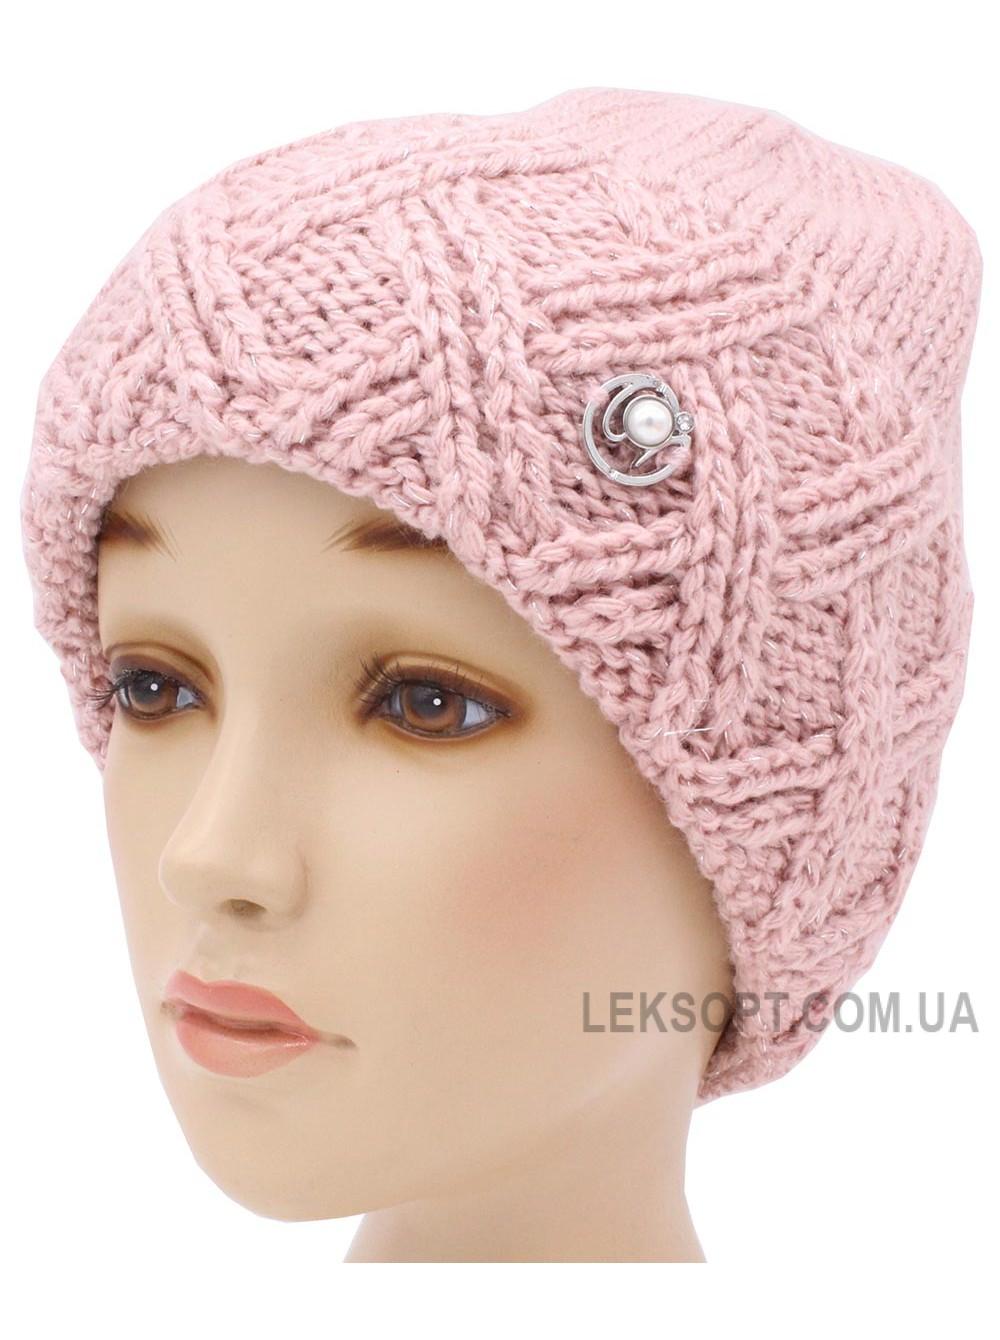 Детская вязаная шапка Барбара W30232-52-56